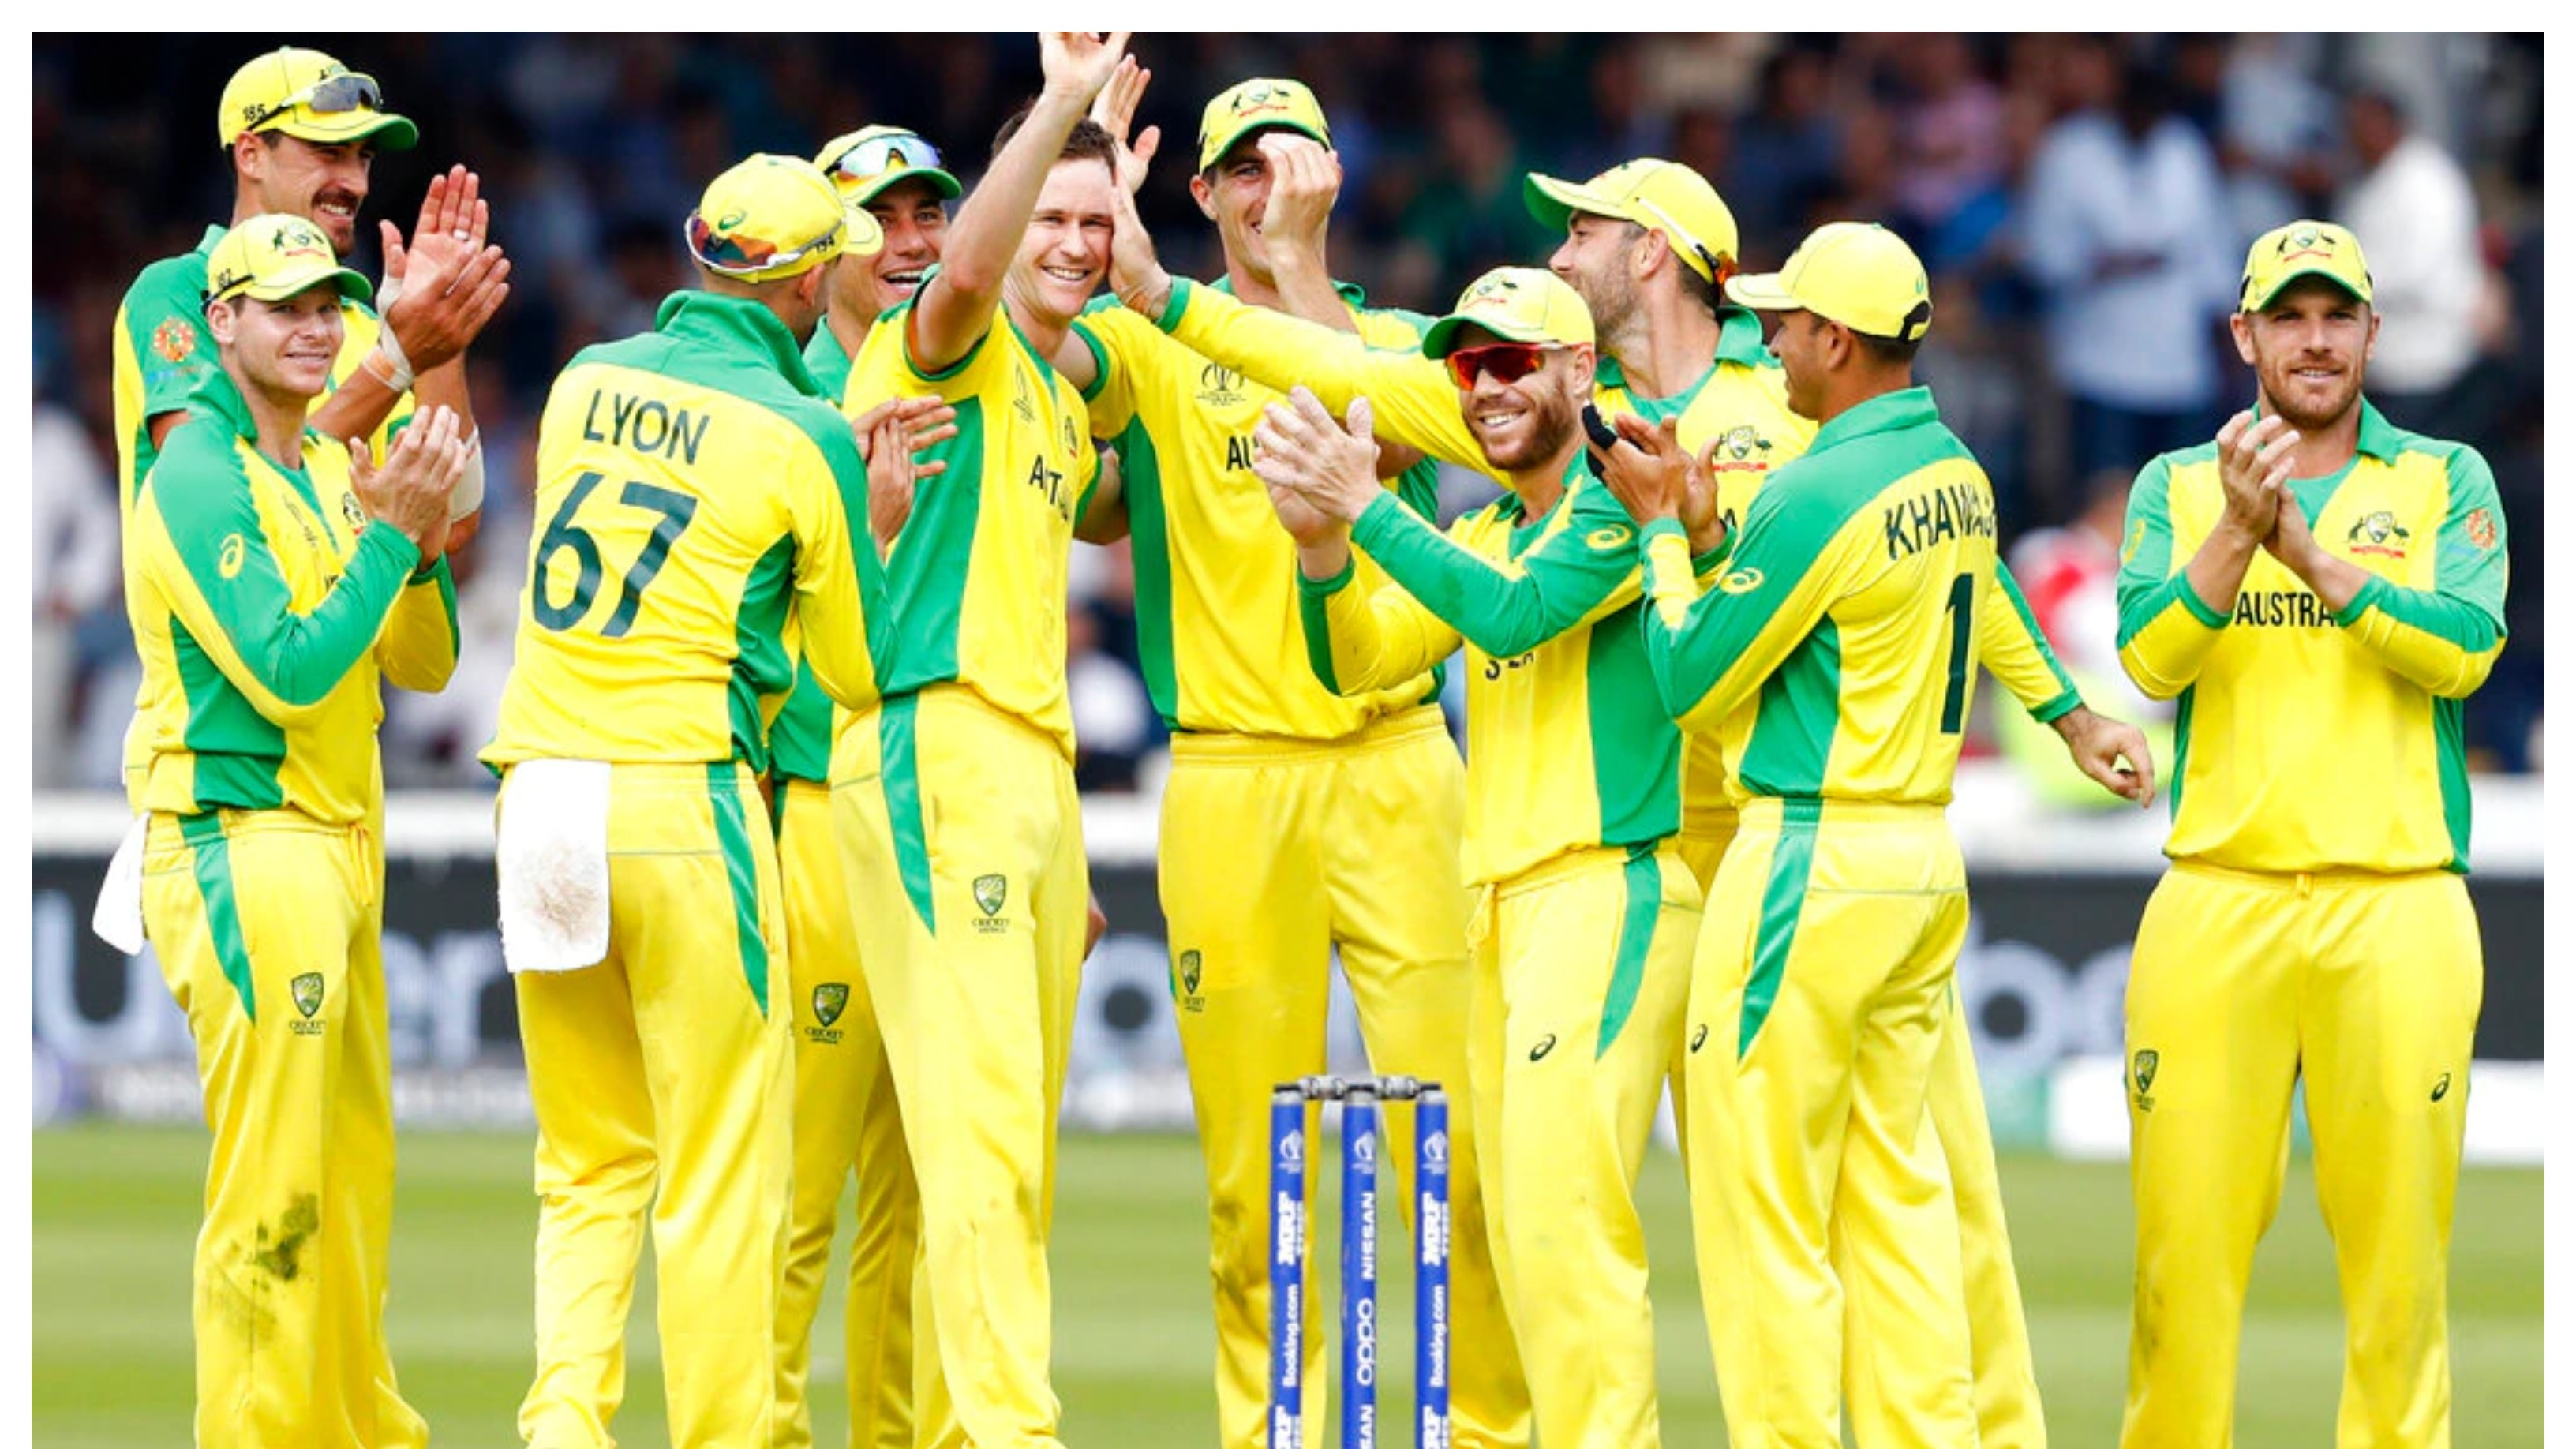 ENG v AUS 2020: Australia announces 21-member squad for white-ball tour of England in September